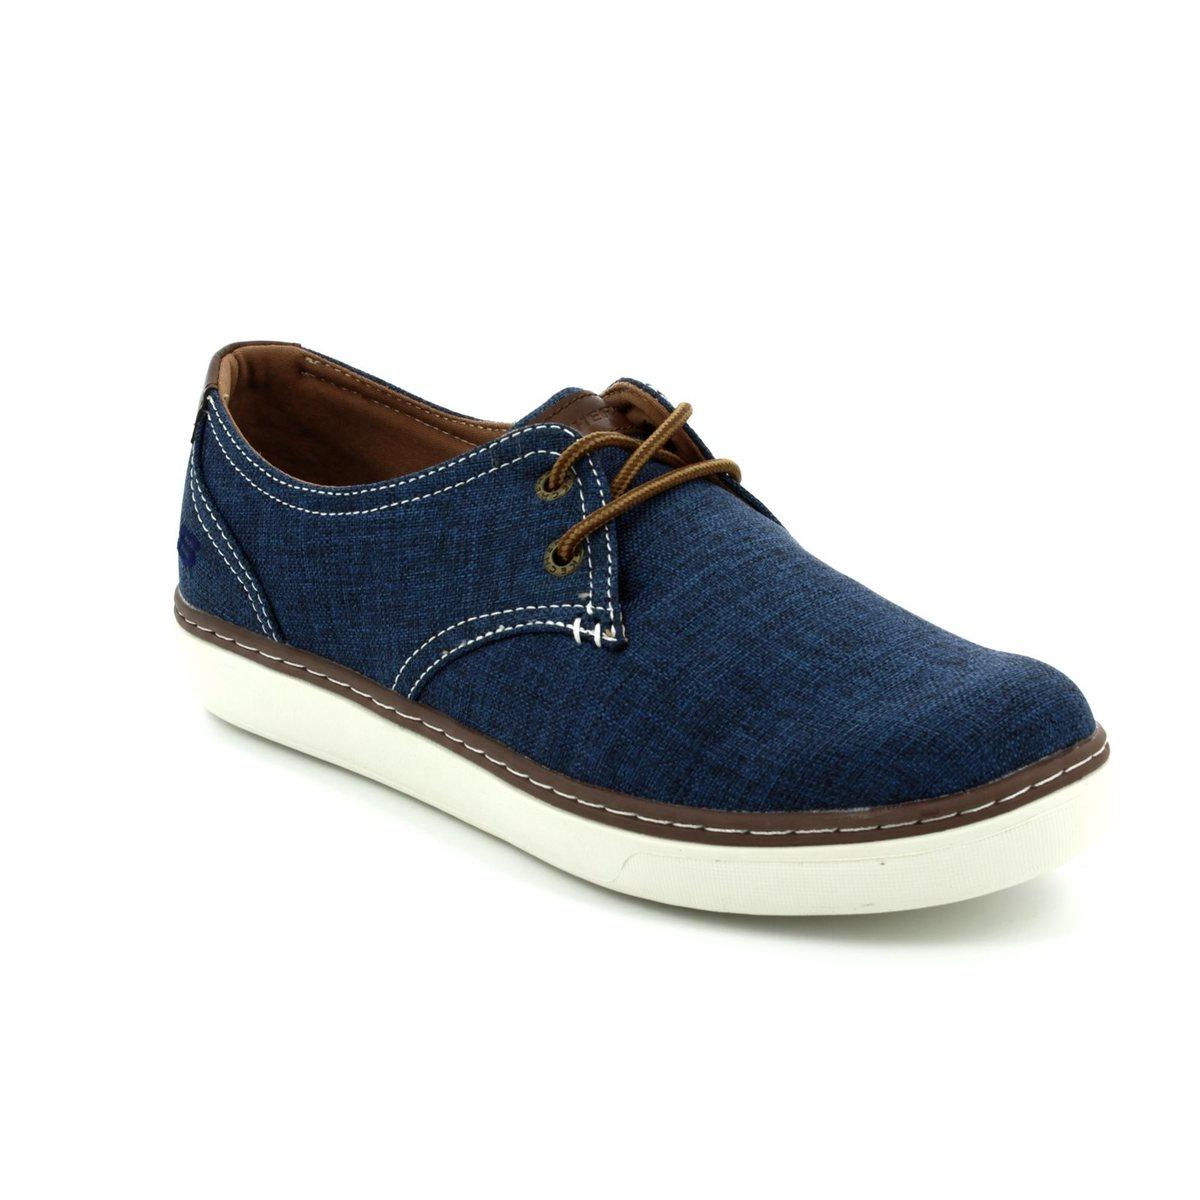 c926a2f65 Skechers Casual Shoes - Navy - 64925 PALEN GADON